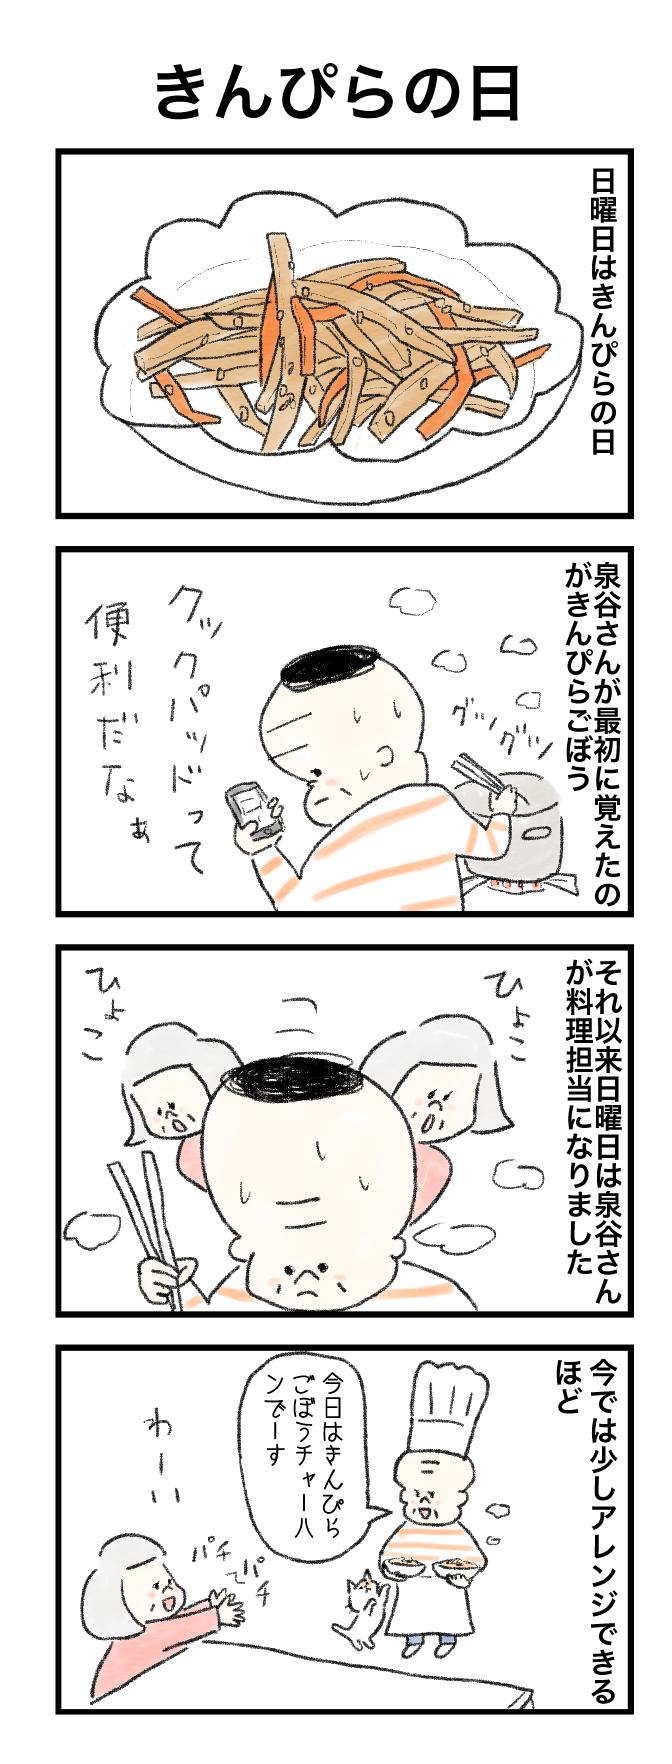 今日の泉谷さん【61】 作:カワサキヒロシ「きんぴらの日」